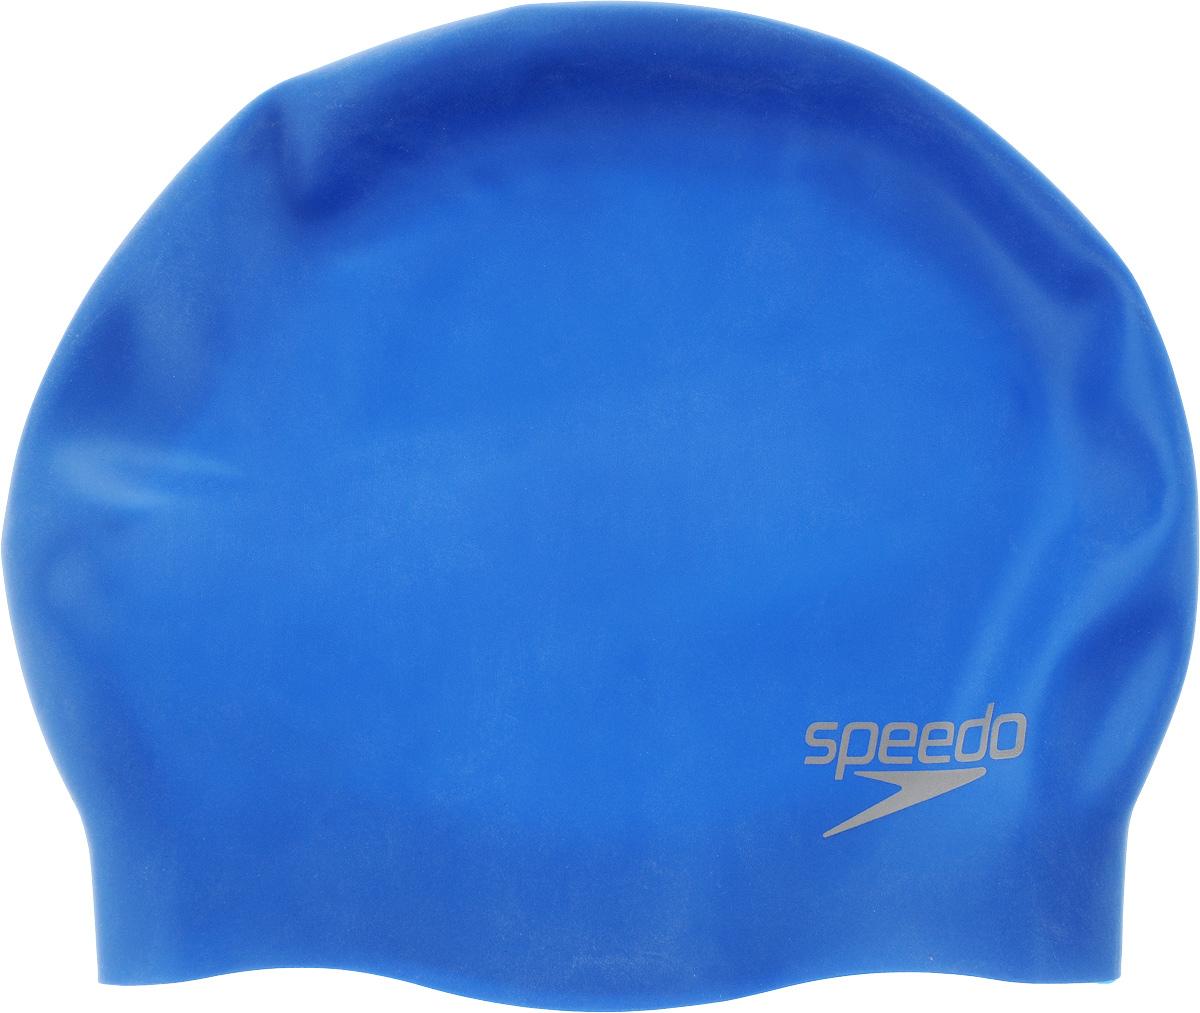 Шапочка для плавания Speedo Silc Moud Cap Au, цвет: голубой709842610Эргономичная силиконовая шапочка. 3D дизайн повторяет контуры головы для непревзойденного комфорта посадки.